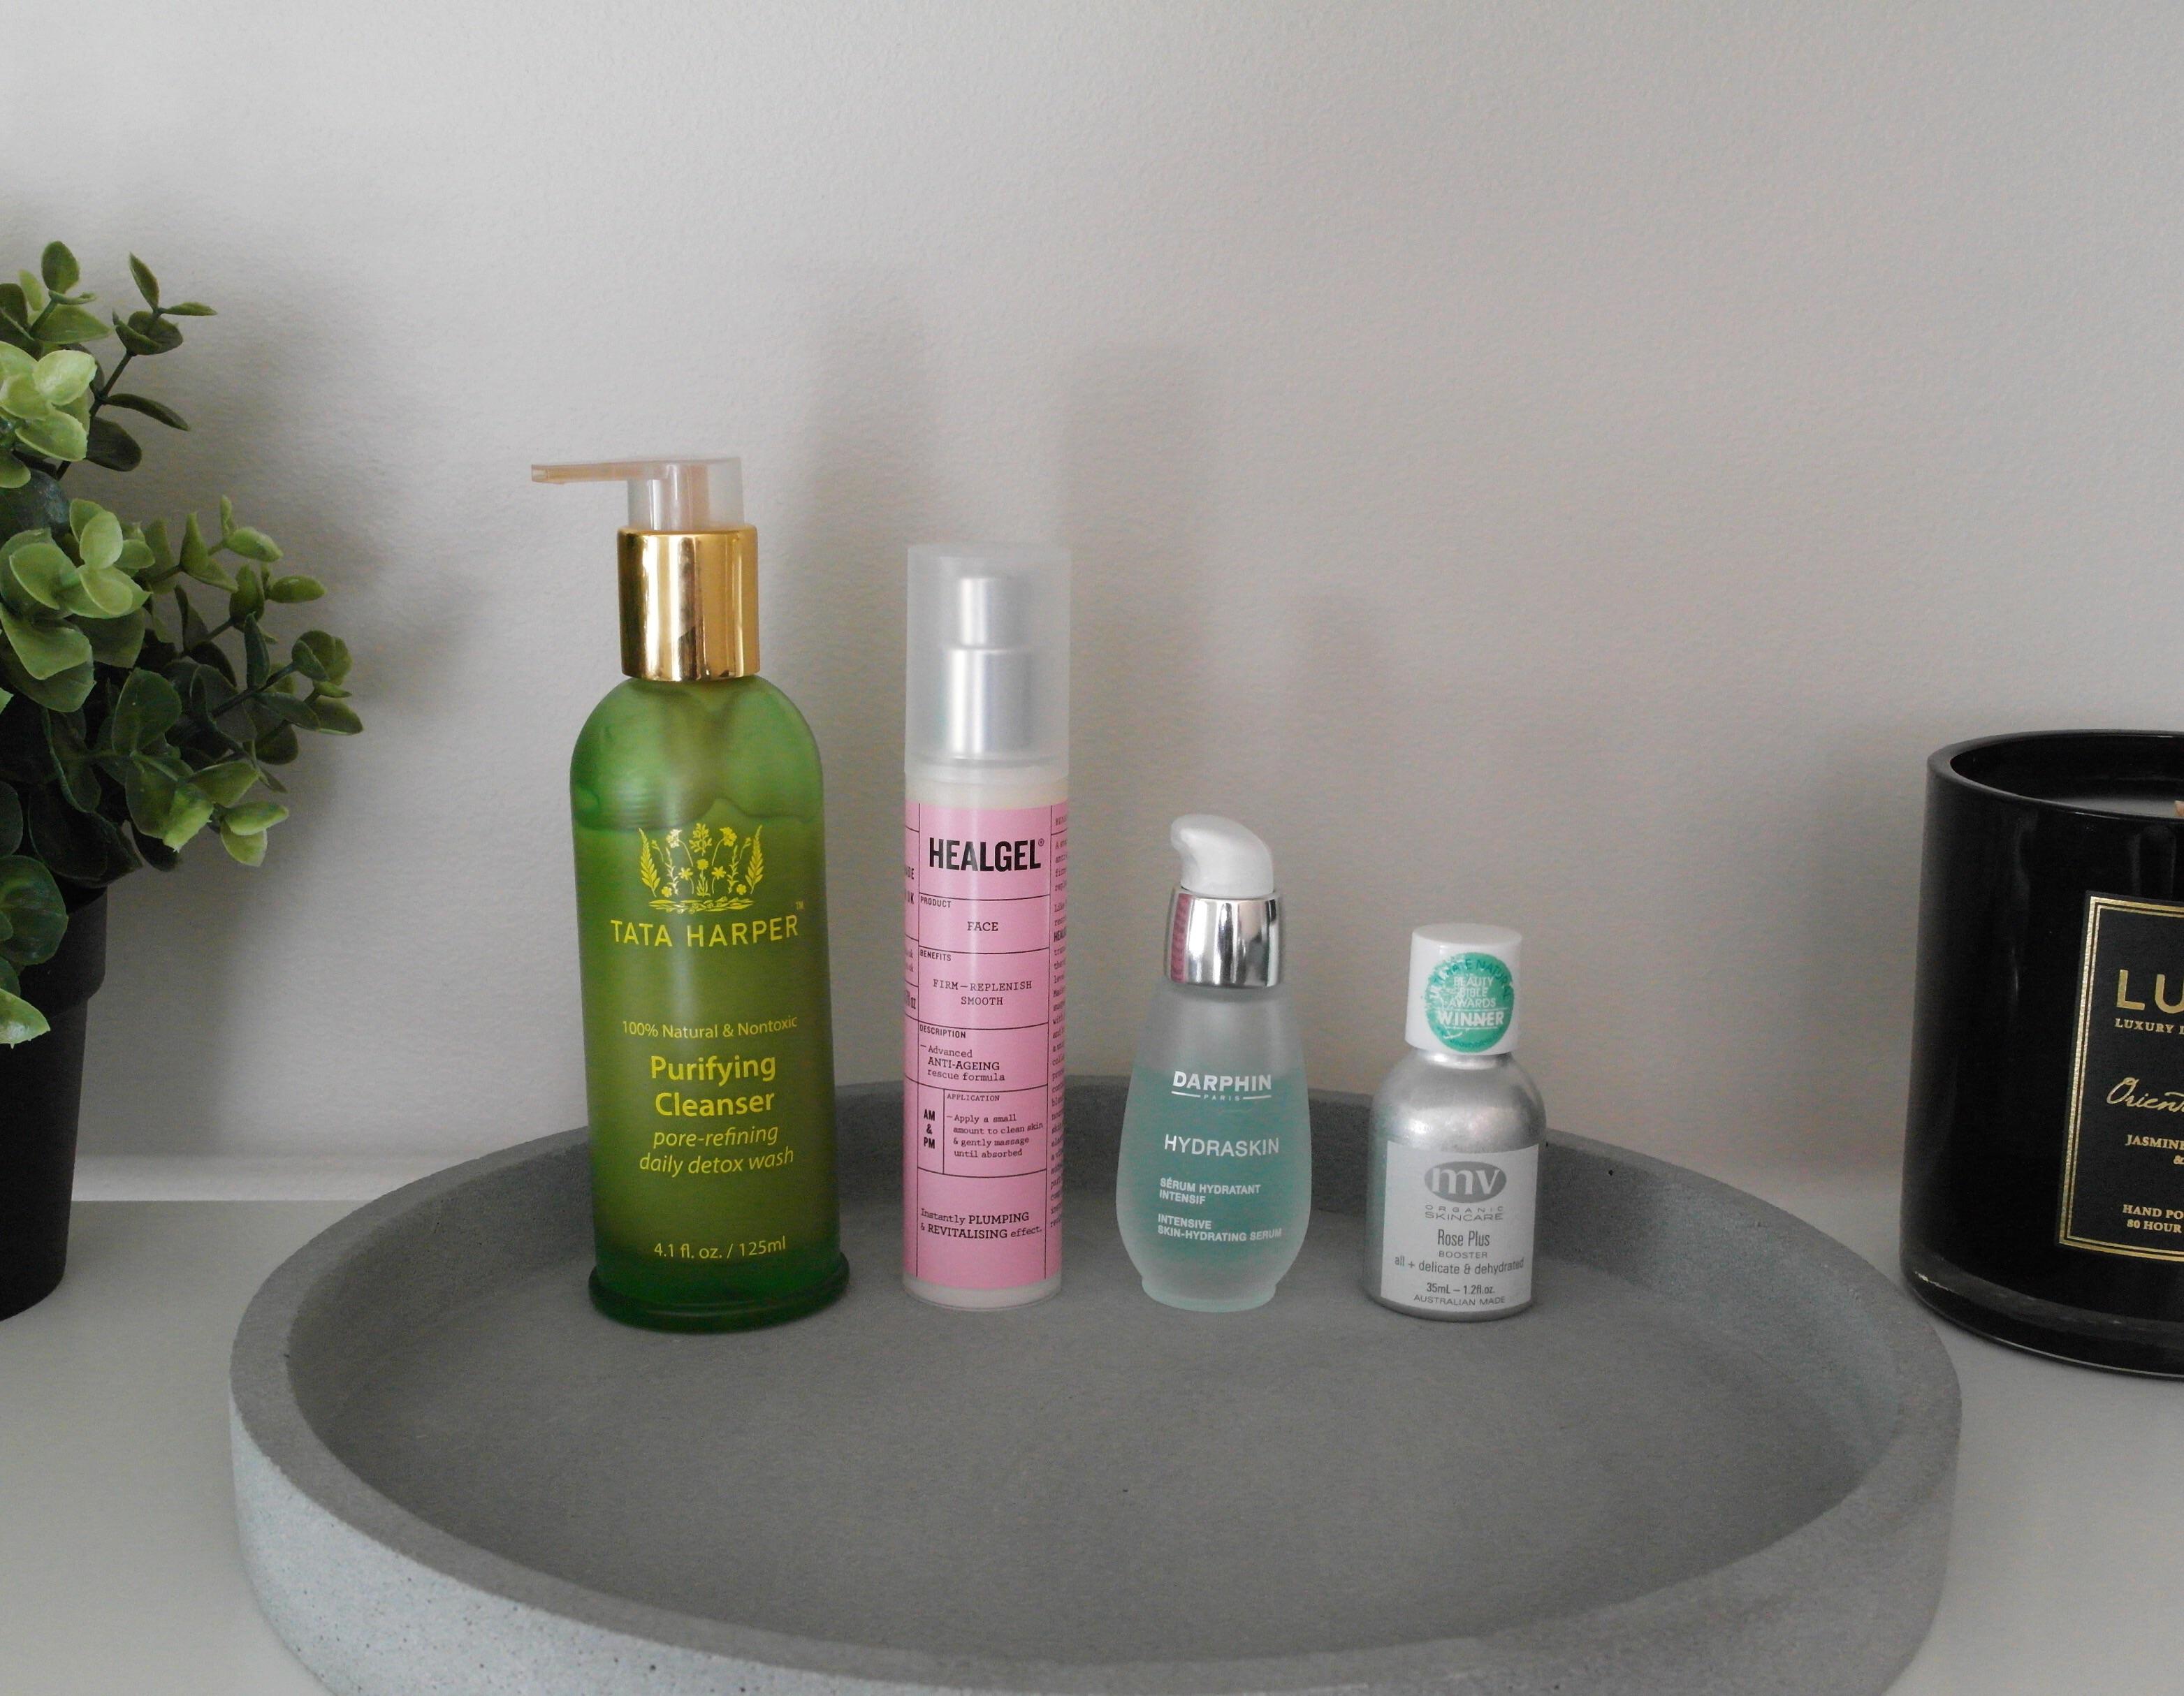 Tata Harper Purifying Cleanser, Heal Gel Face, Darphin Hydraskin Serum, MV Organics Rose Plus Booster